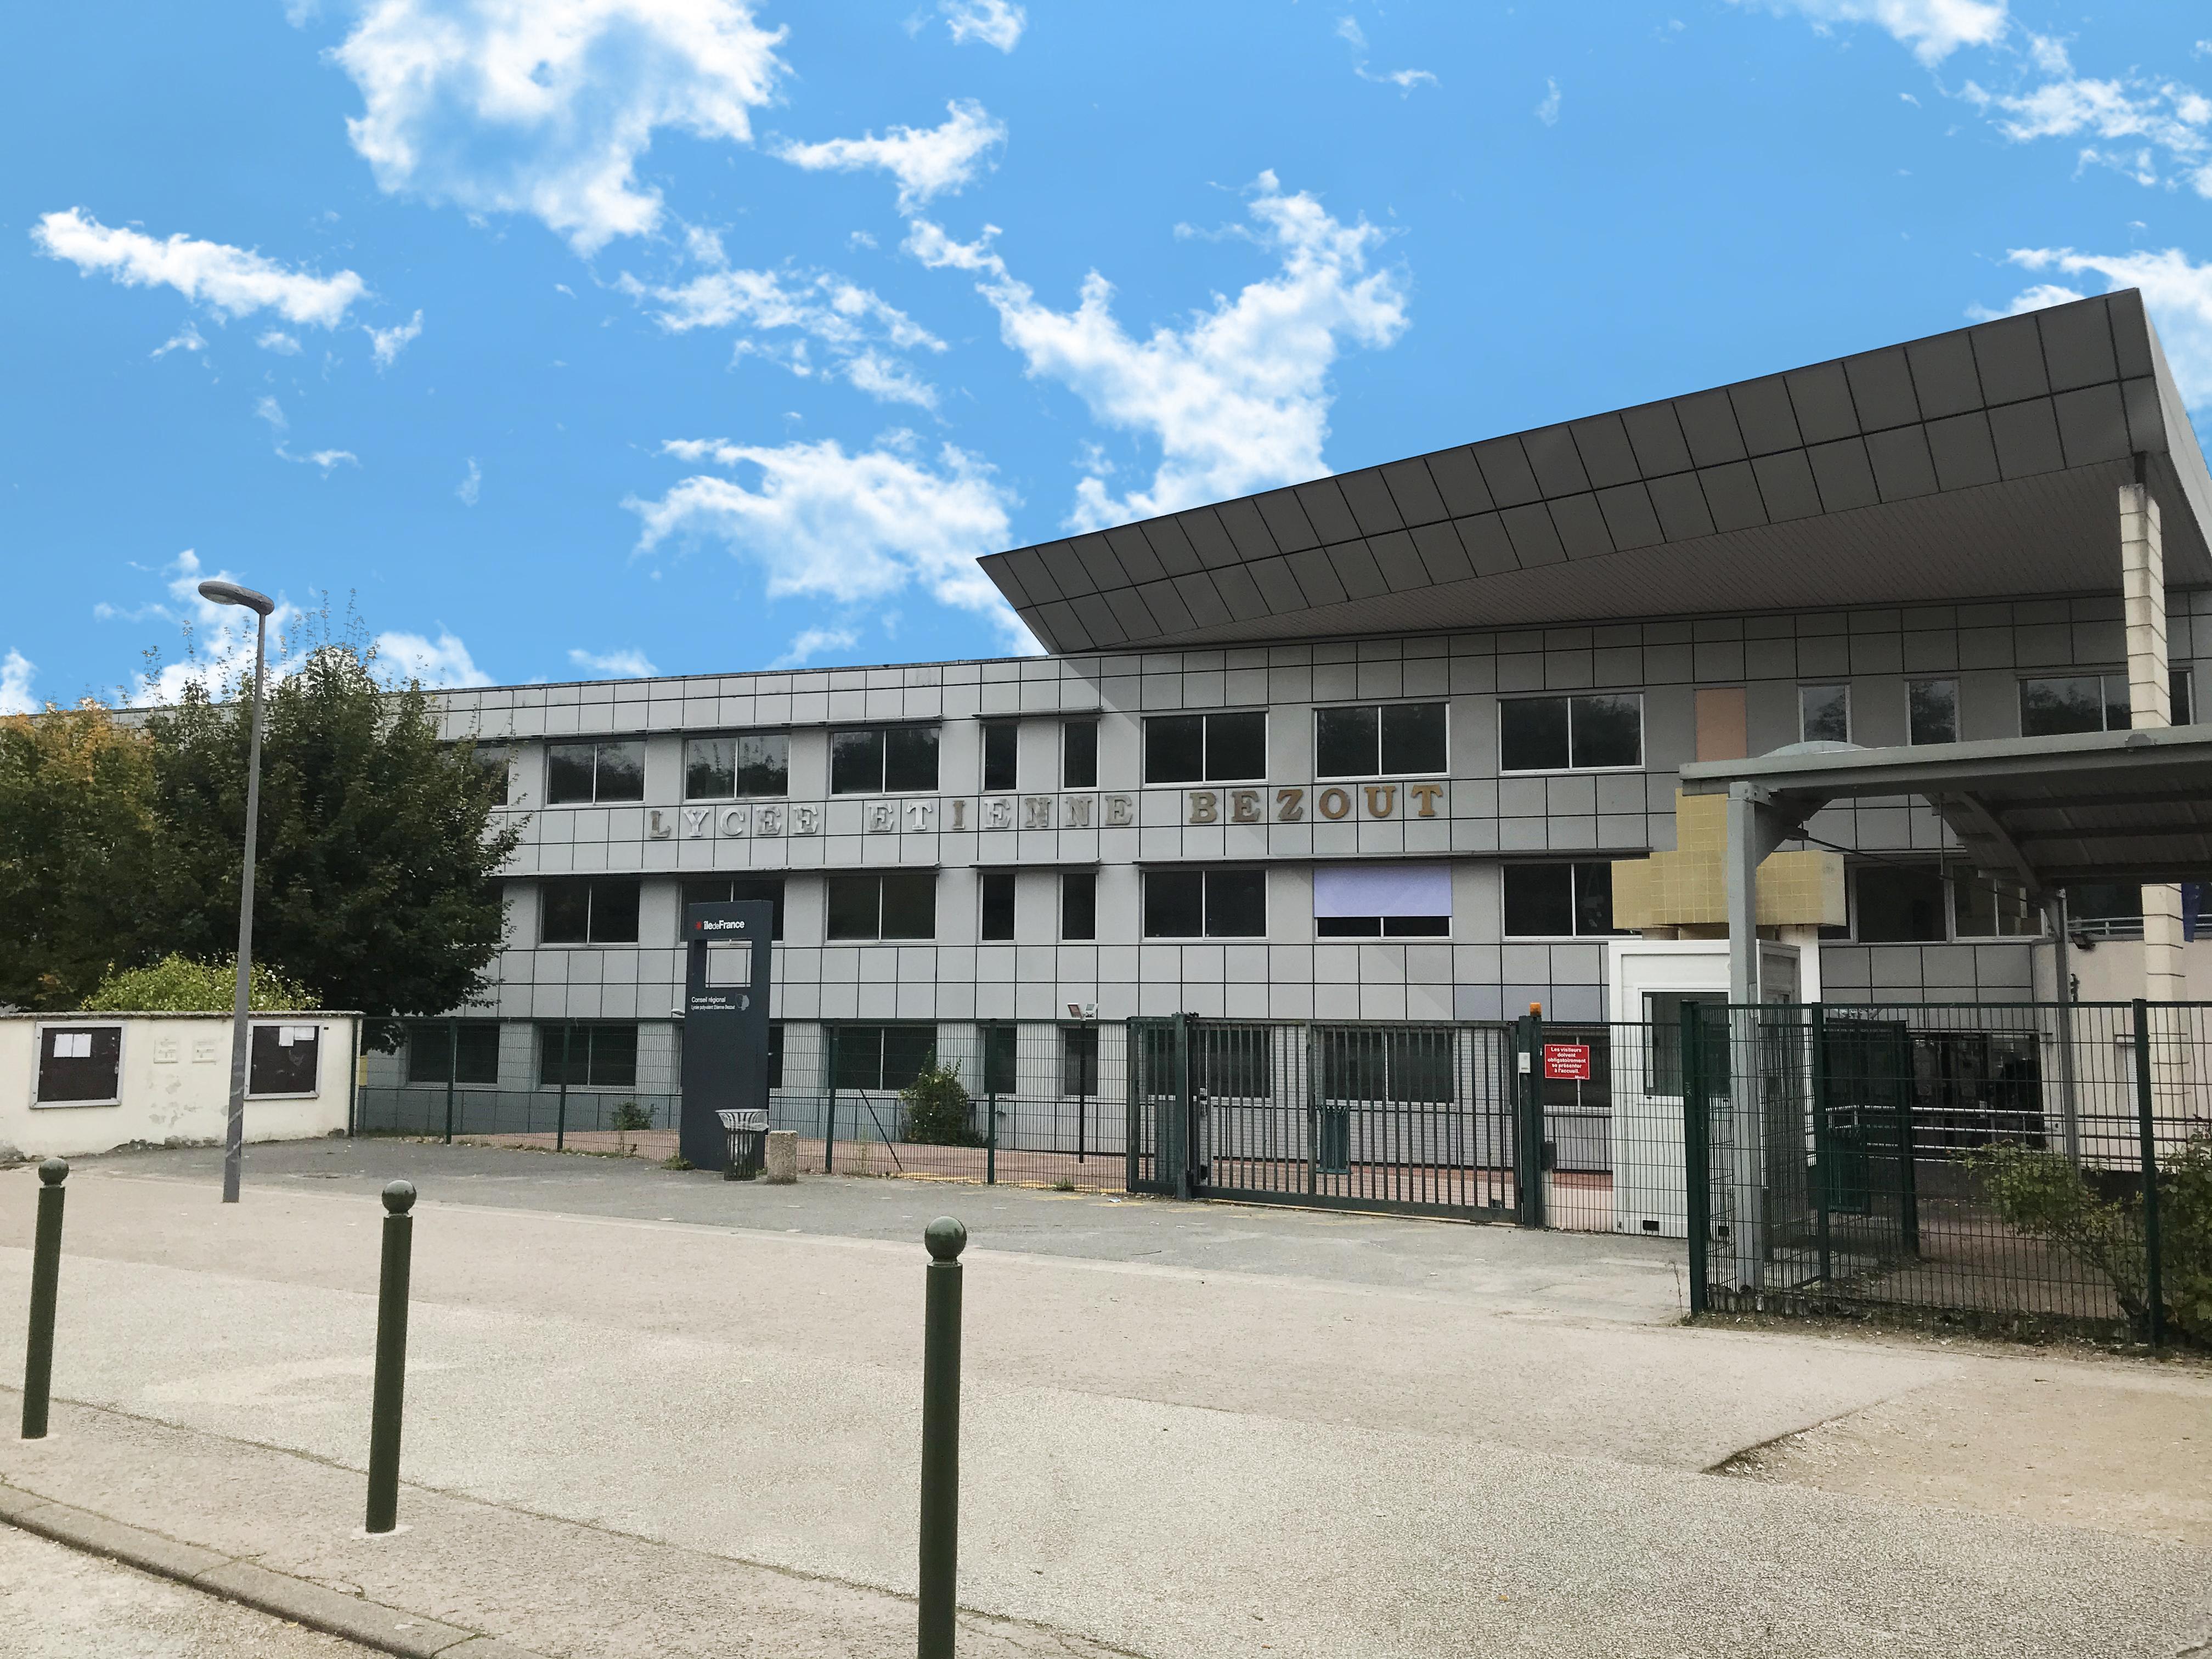 Lycée bezout copie.jpg